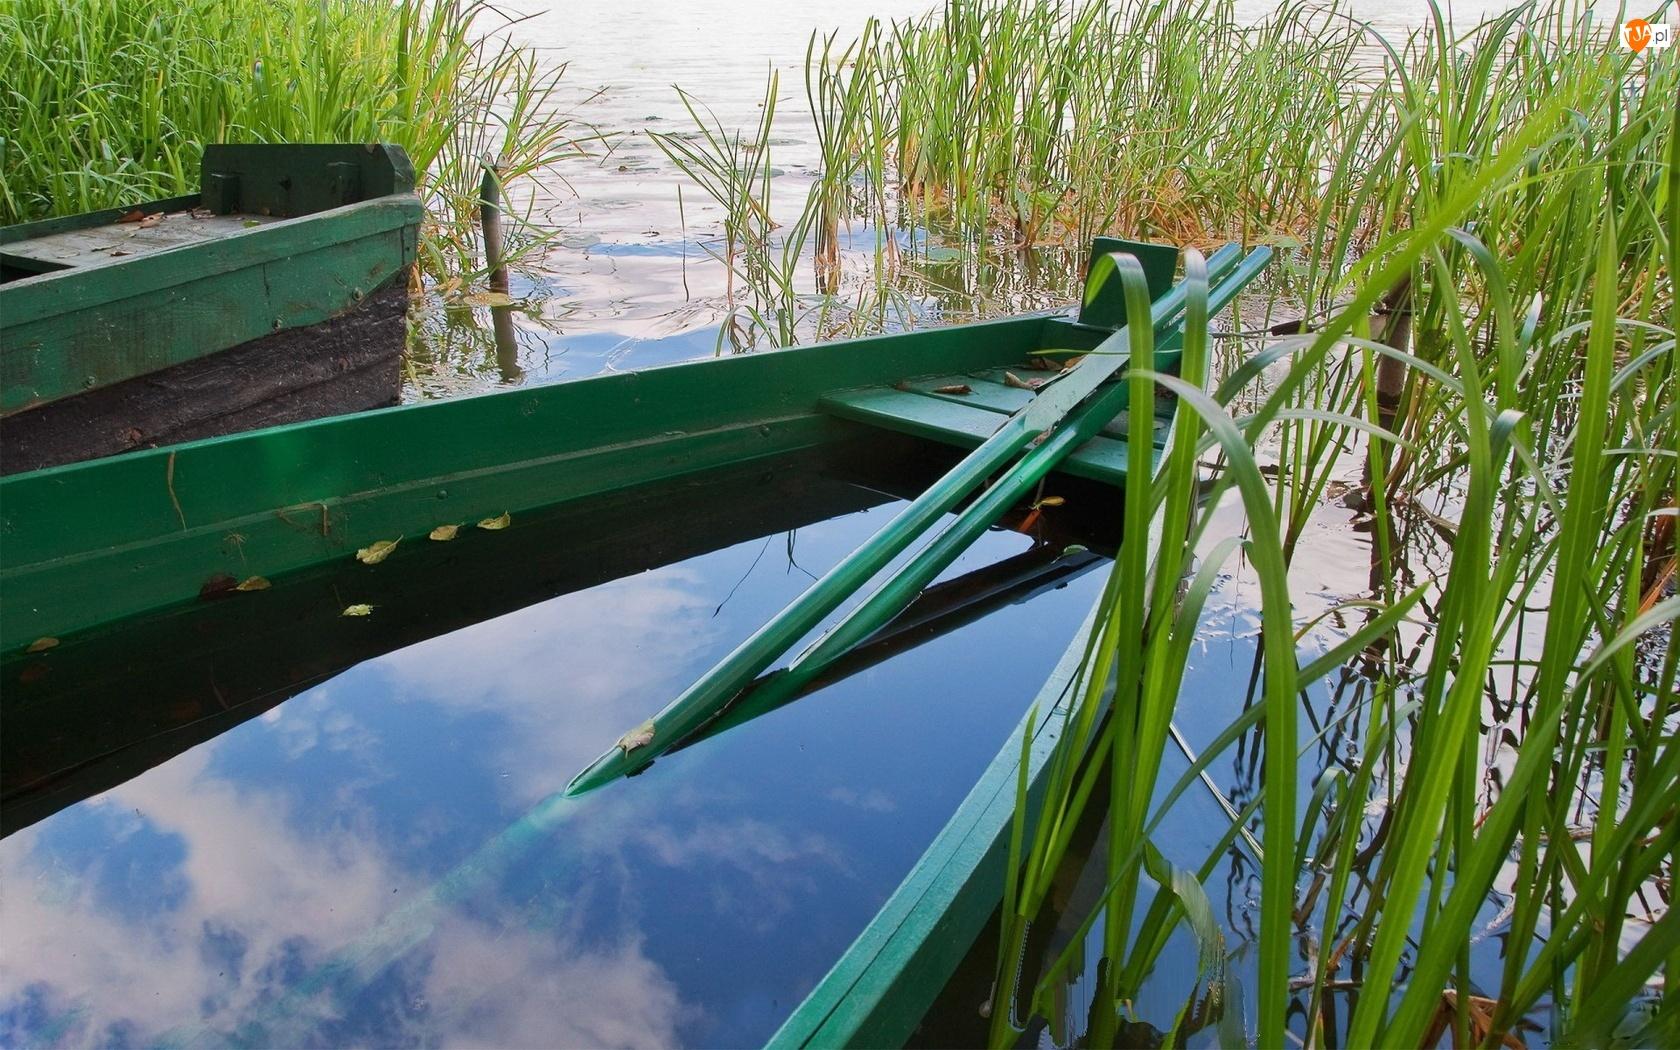 Jezioro, Tatarak, Łódka, Wiosła